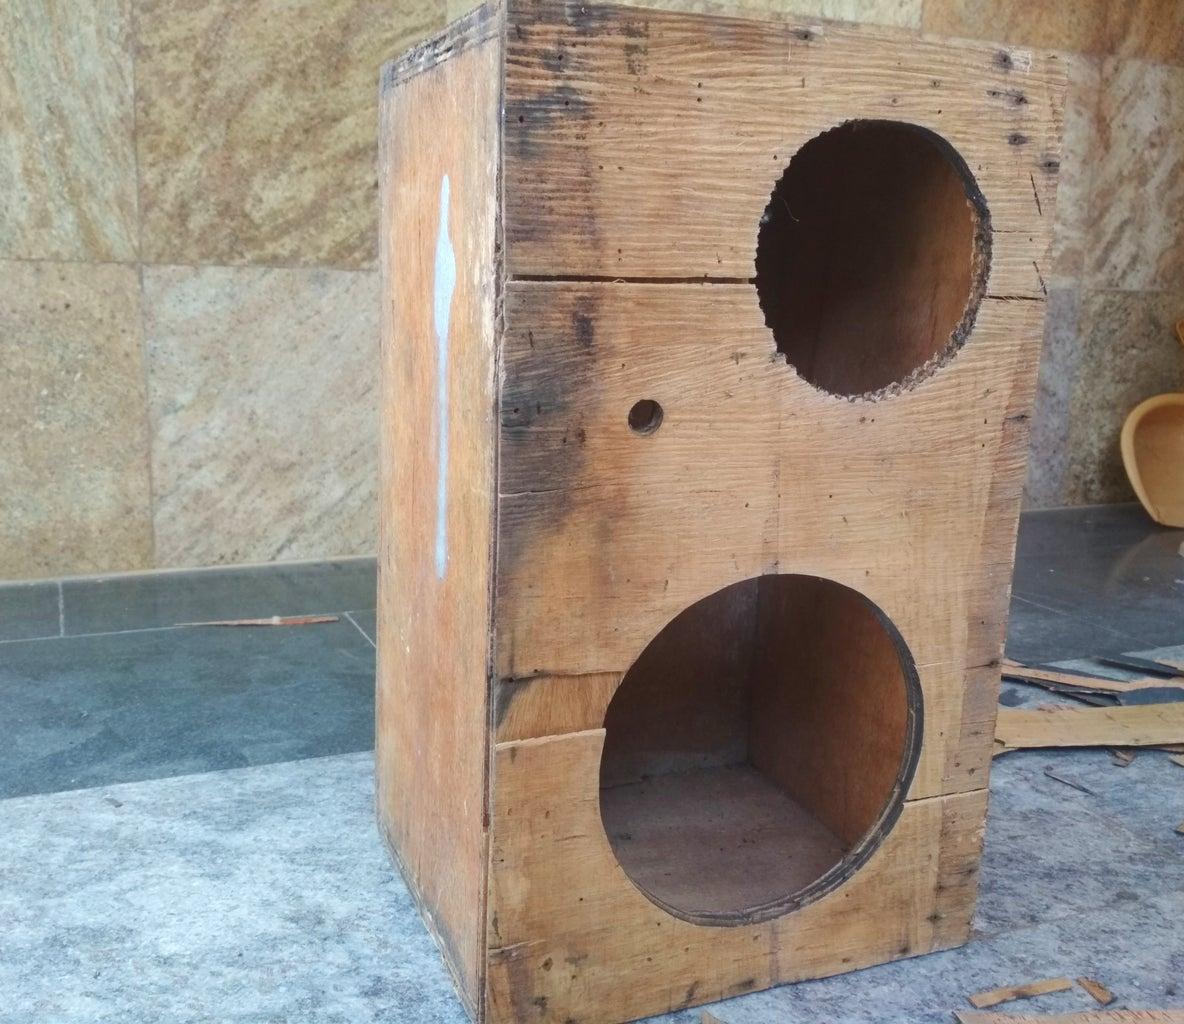 Restoration of the Old Speaker Case